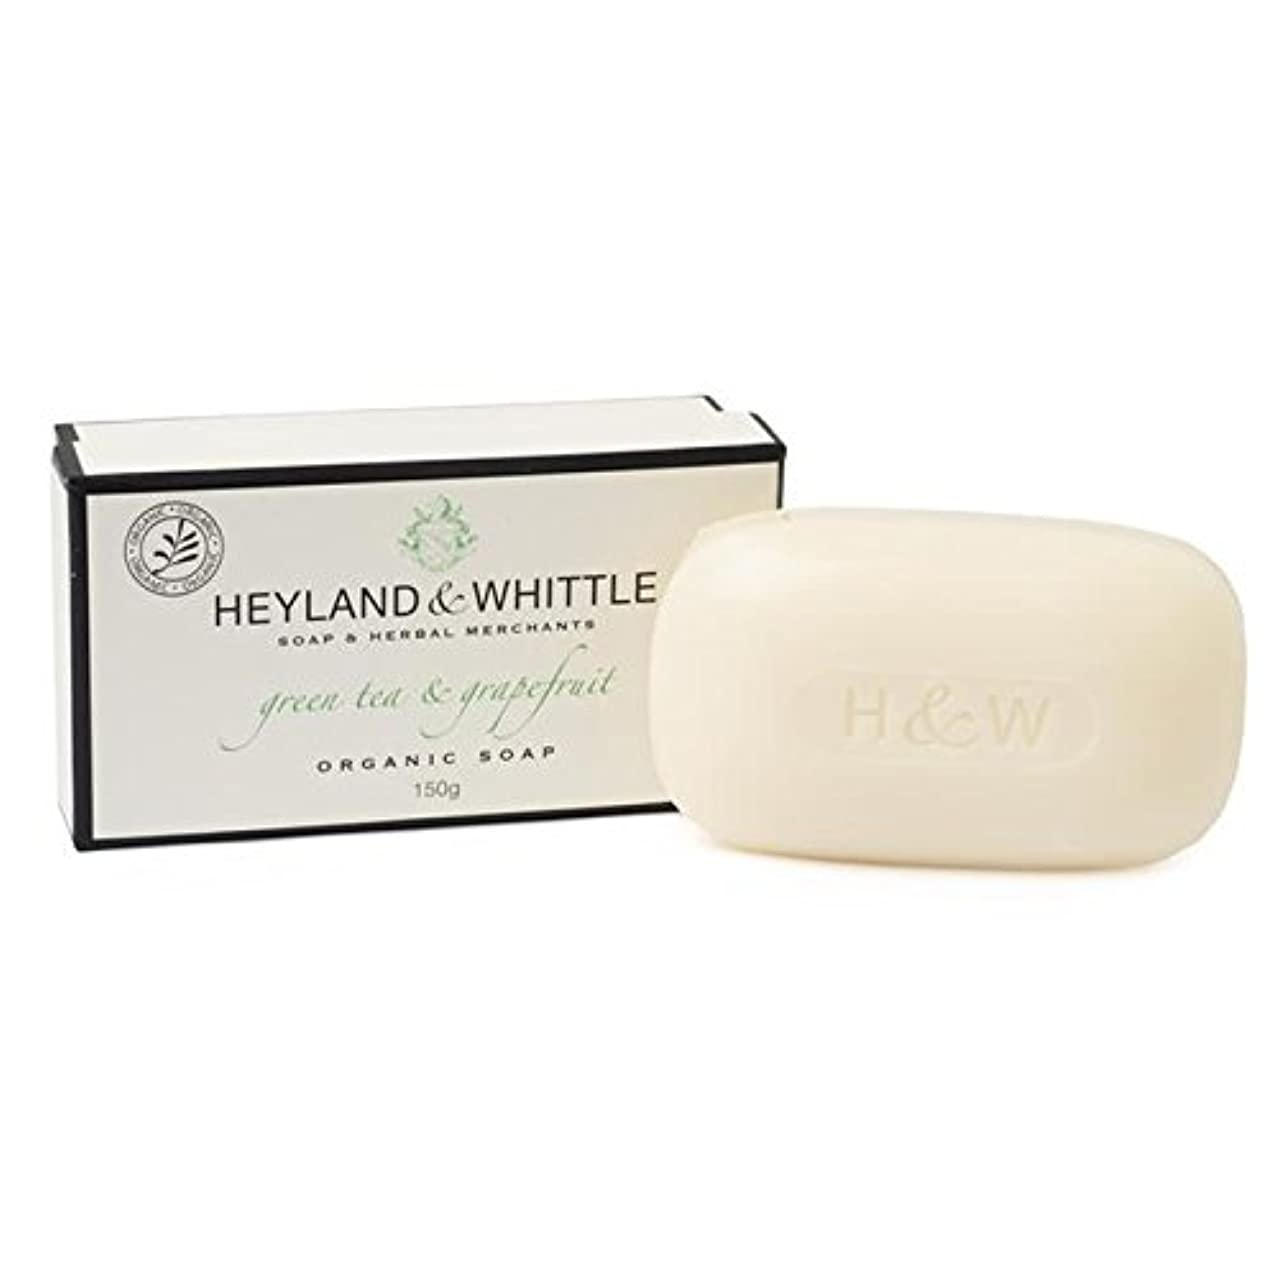 エレベーターランドマーク比較的Heyland & Whittle Green Tea & Grapefruit Boxed Organic Soap 150g - &削る緑茶&グレープフルーツはオーガニックソープ150グラム箱入り [並行輸入品]